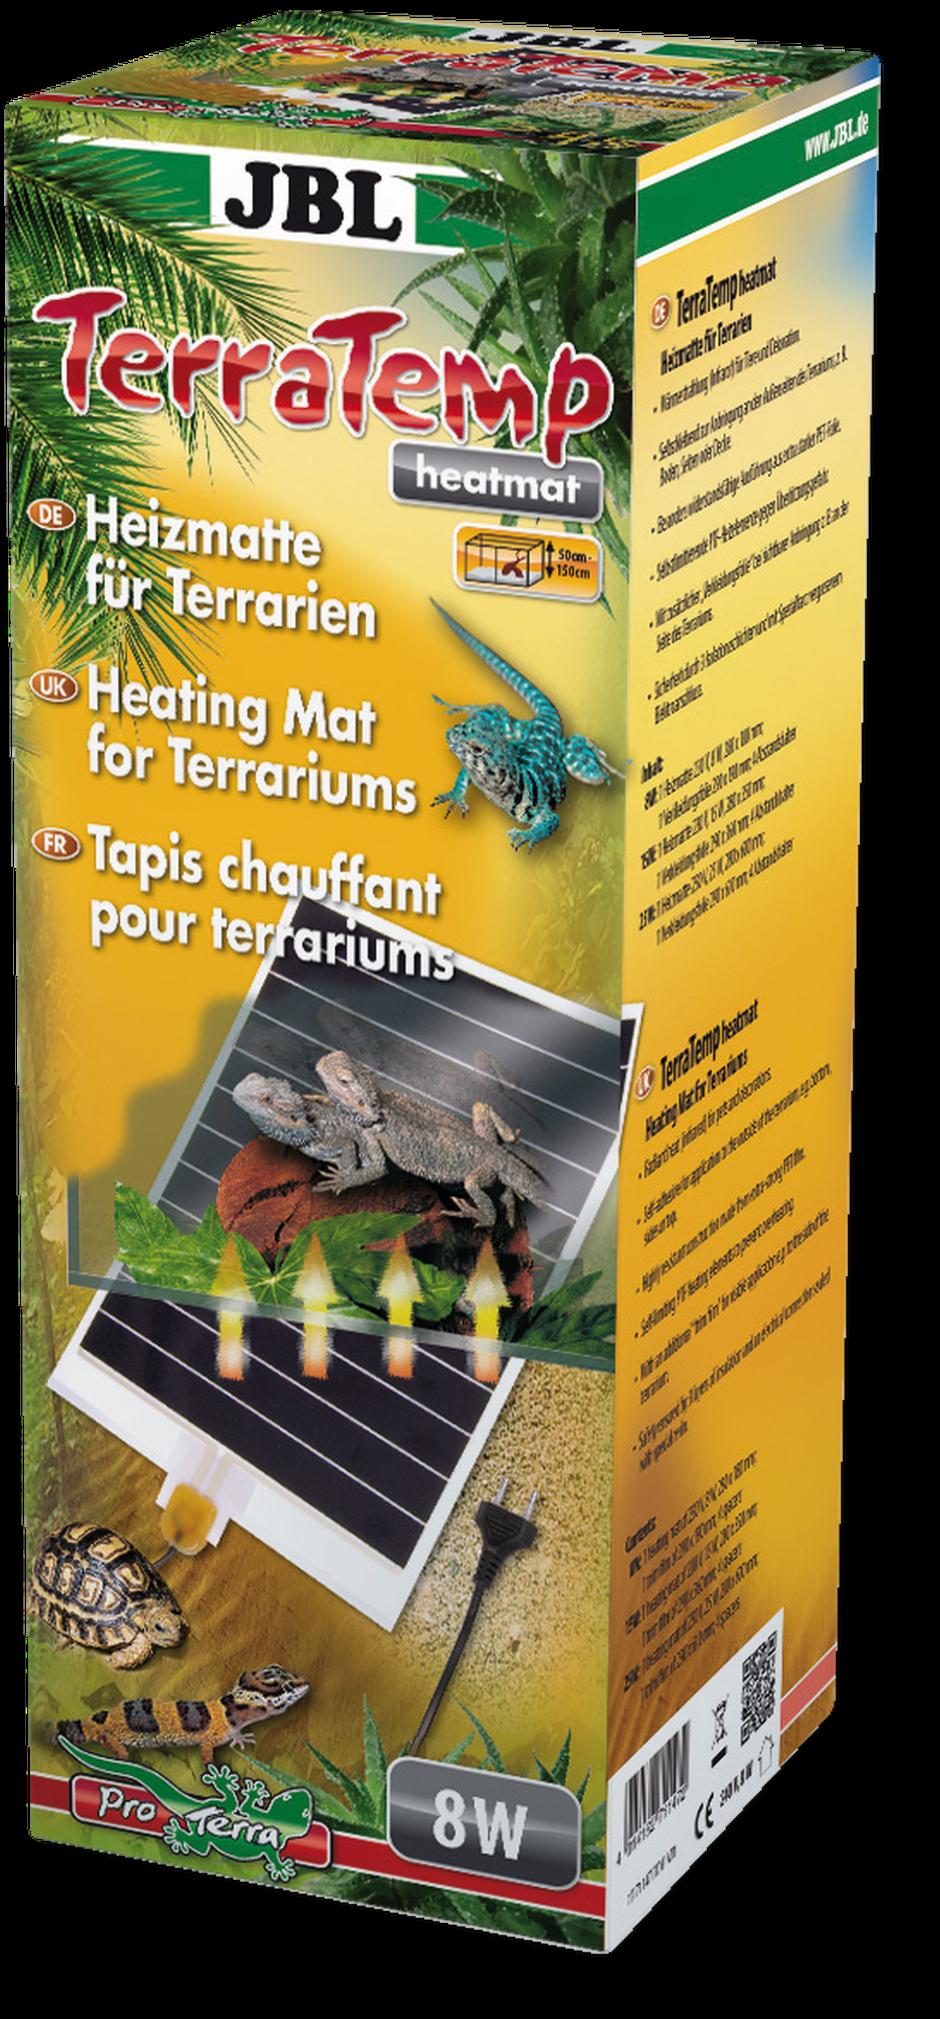 JBL TerraTemp heatmat 8 W